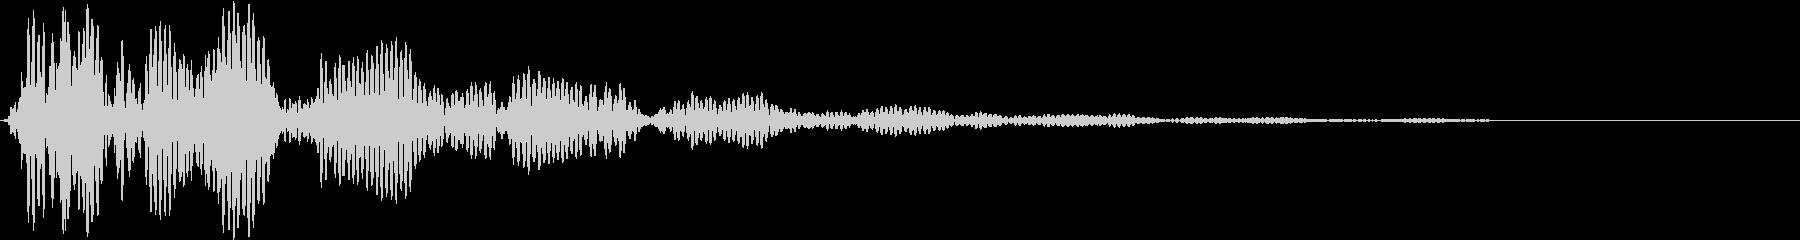 【衝撃音】ドゴーンッッッの未再生の波形